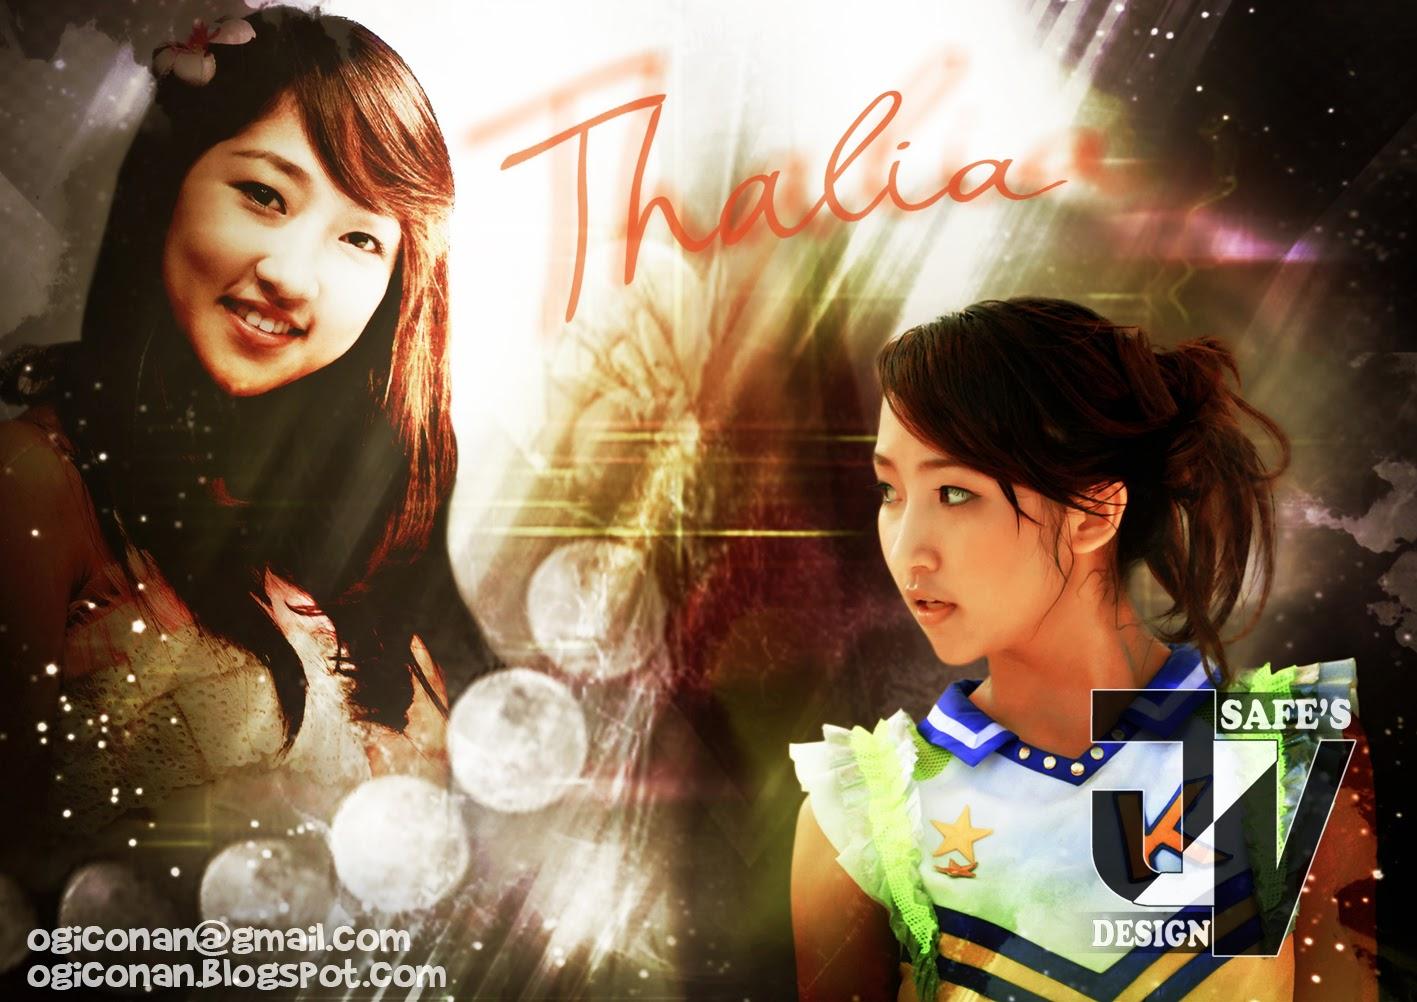 Thalia edit